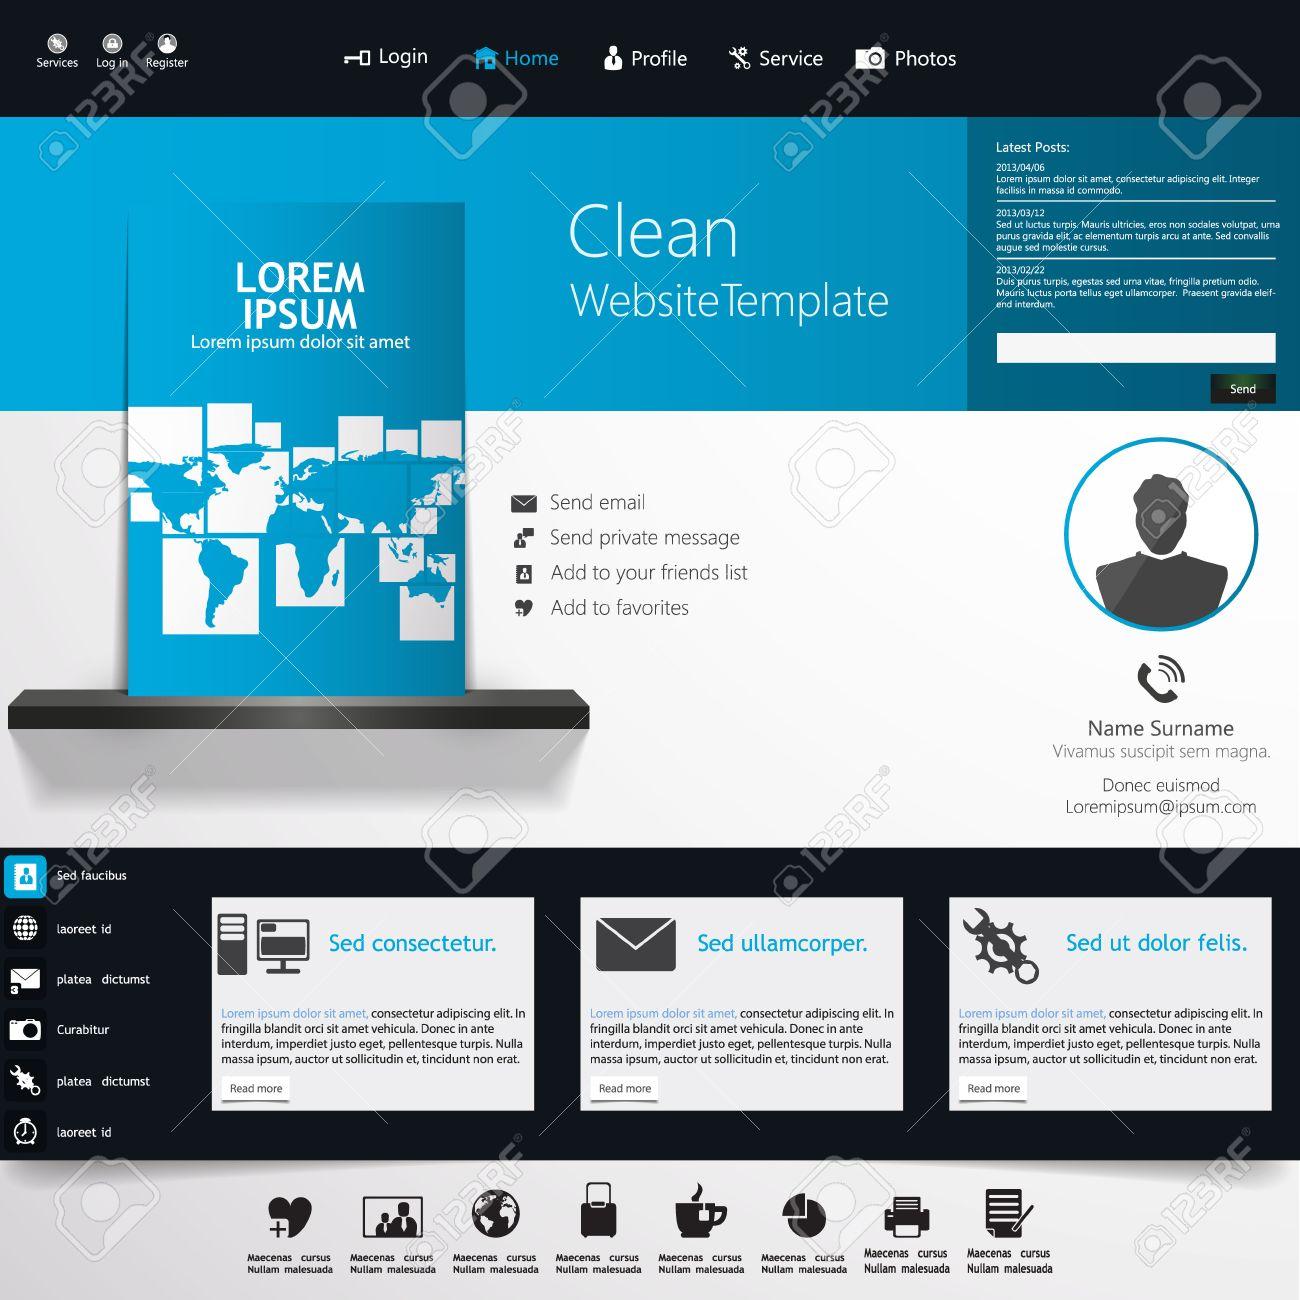 83bf3c2257edd Foto de archivo - Plantilla de sitio Web de negocios azul - diseño de  página de inicio - limpia y simple - con un espacio para un texto